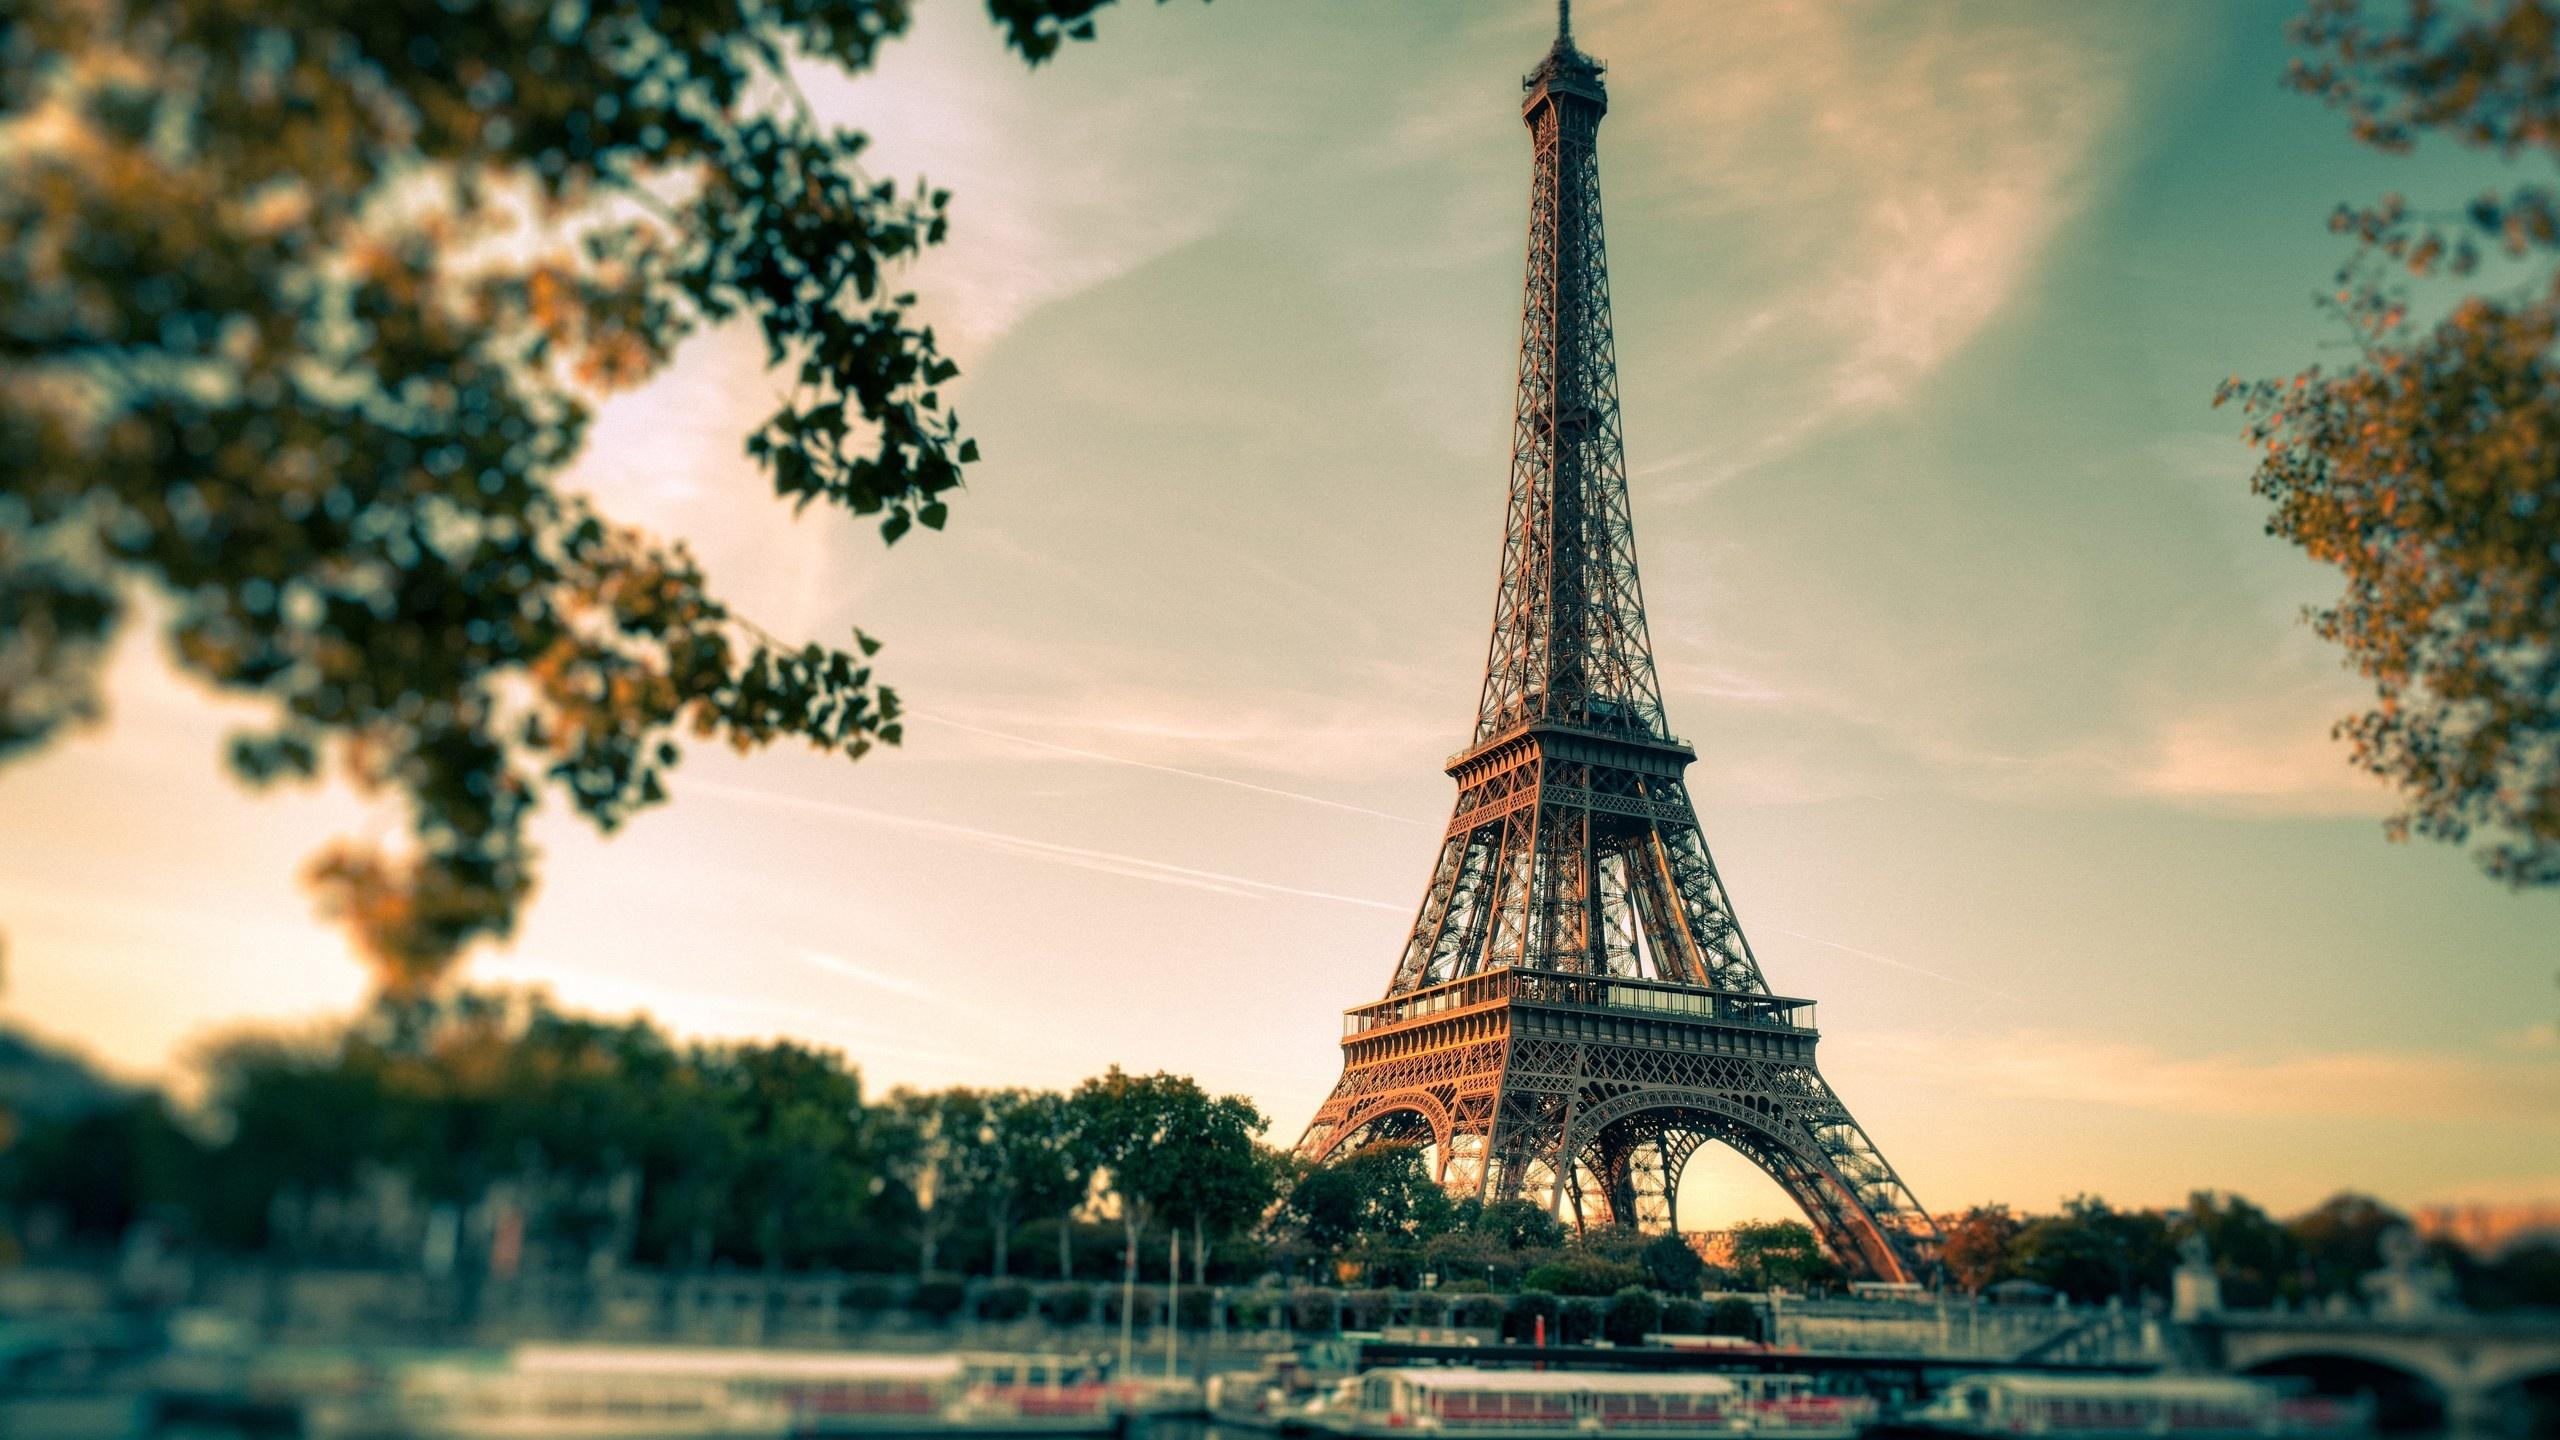 Eiffel Tower Paris City Wallpaper PC 7106 Wallpaper High Resolution 2560x1440